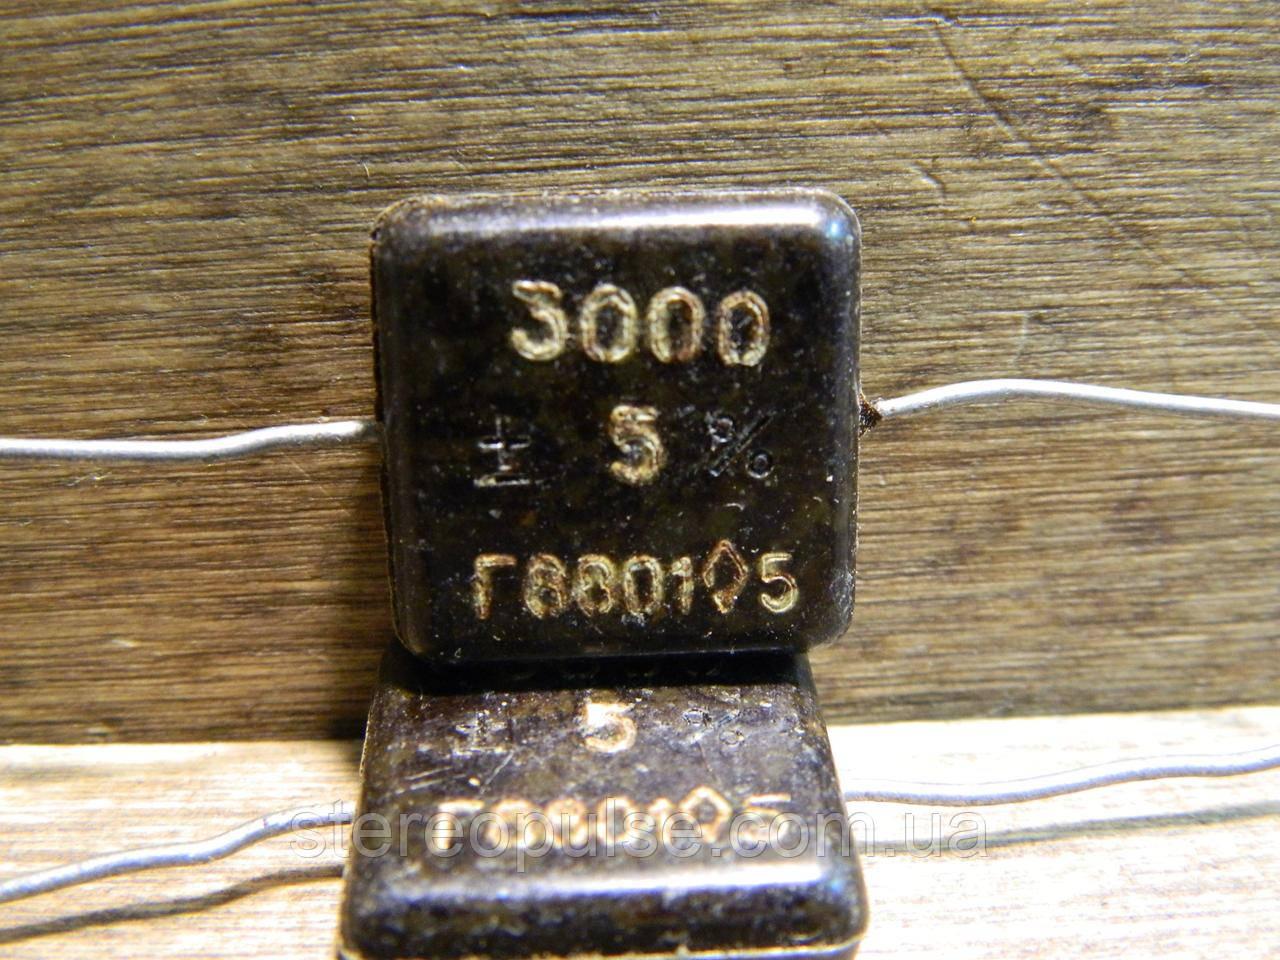 Конденсатор КСВ Р 3000 пкФ - 500 На 5%